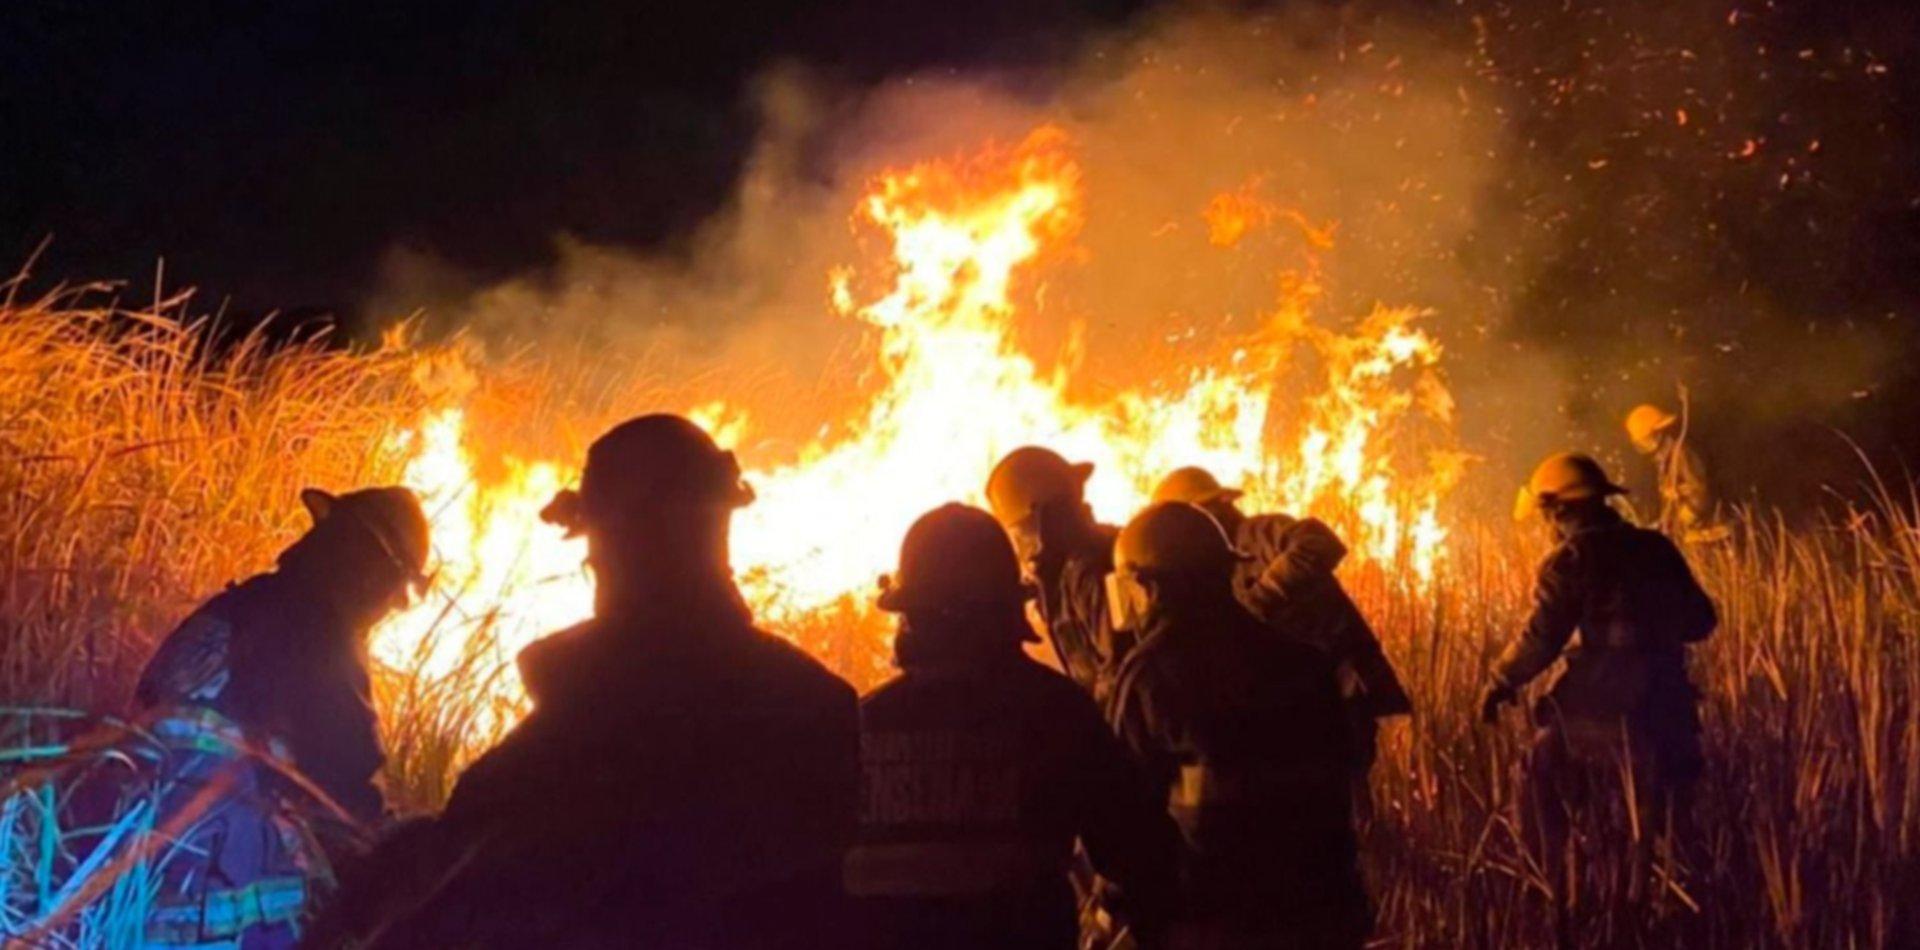 Un incendio junto a la Autopista causó alarma en La Plata